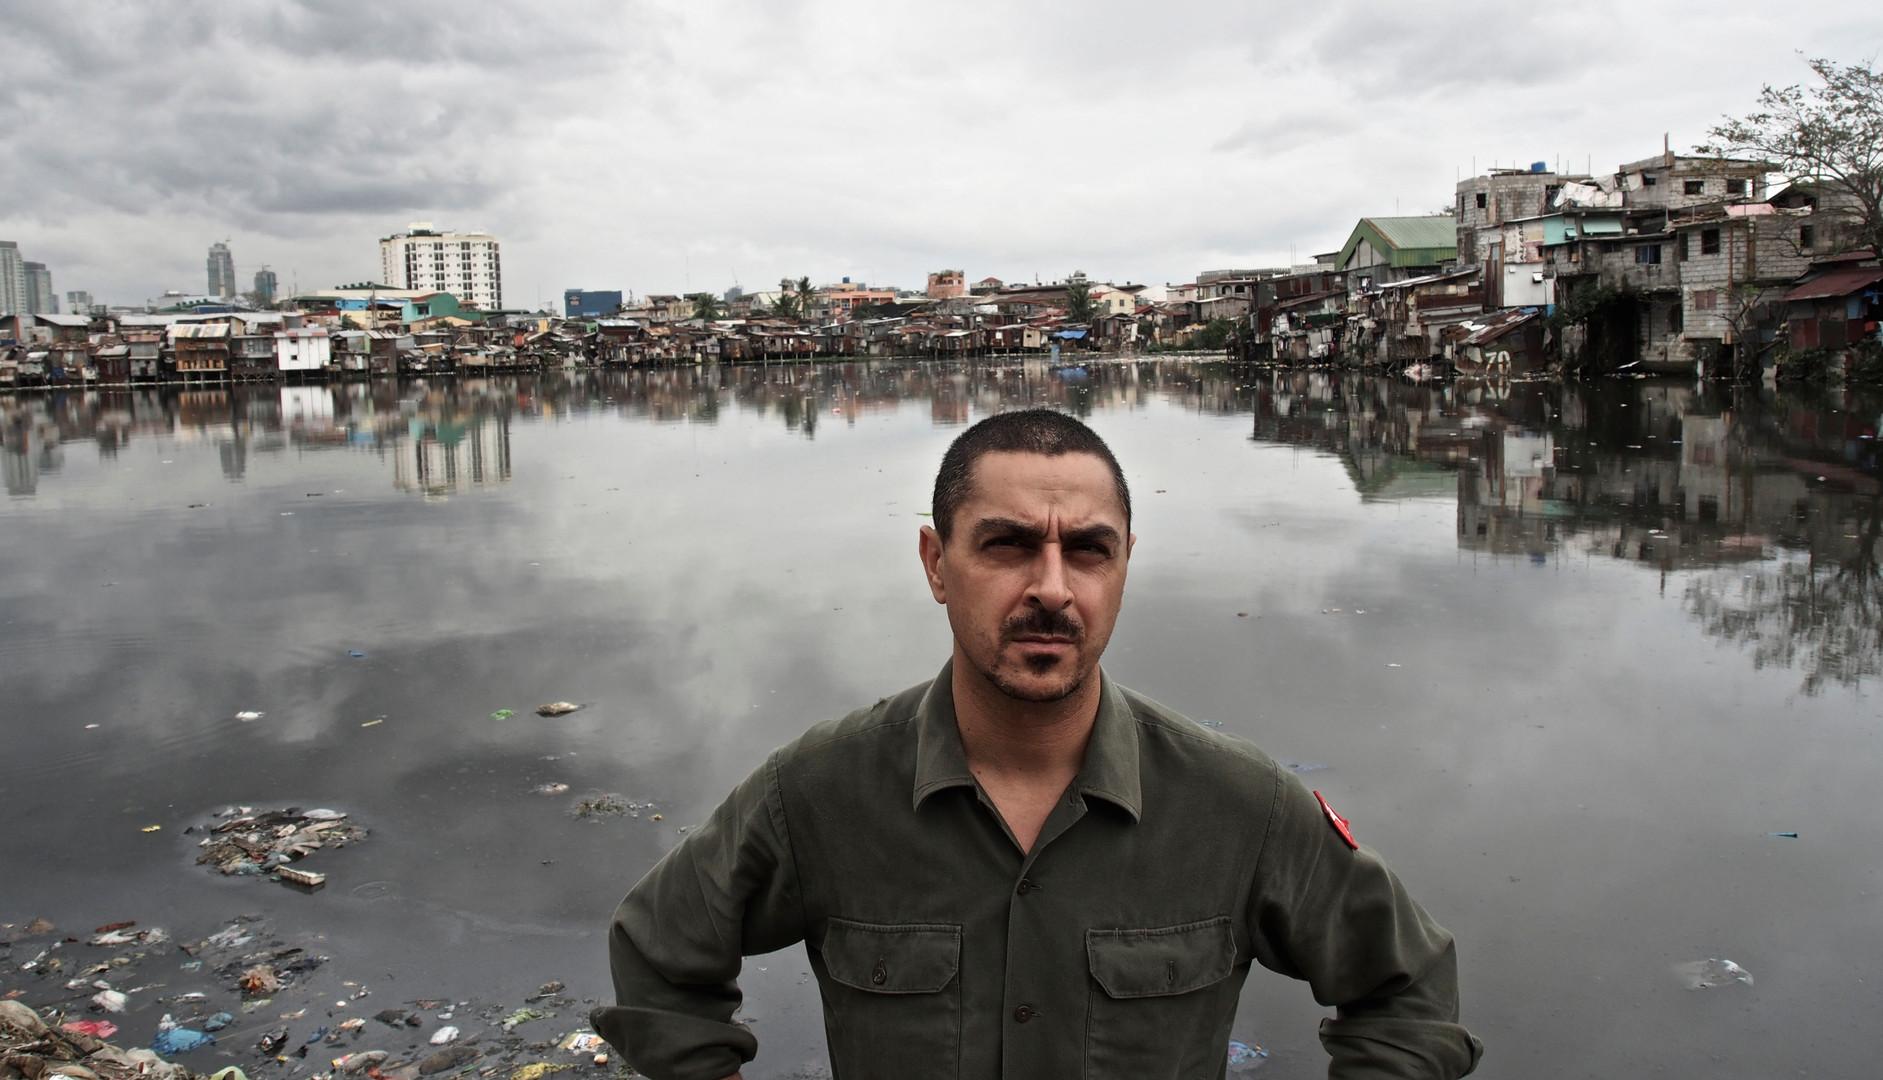 manilan slummit.jpg